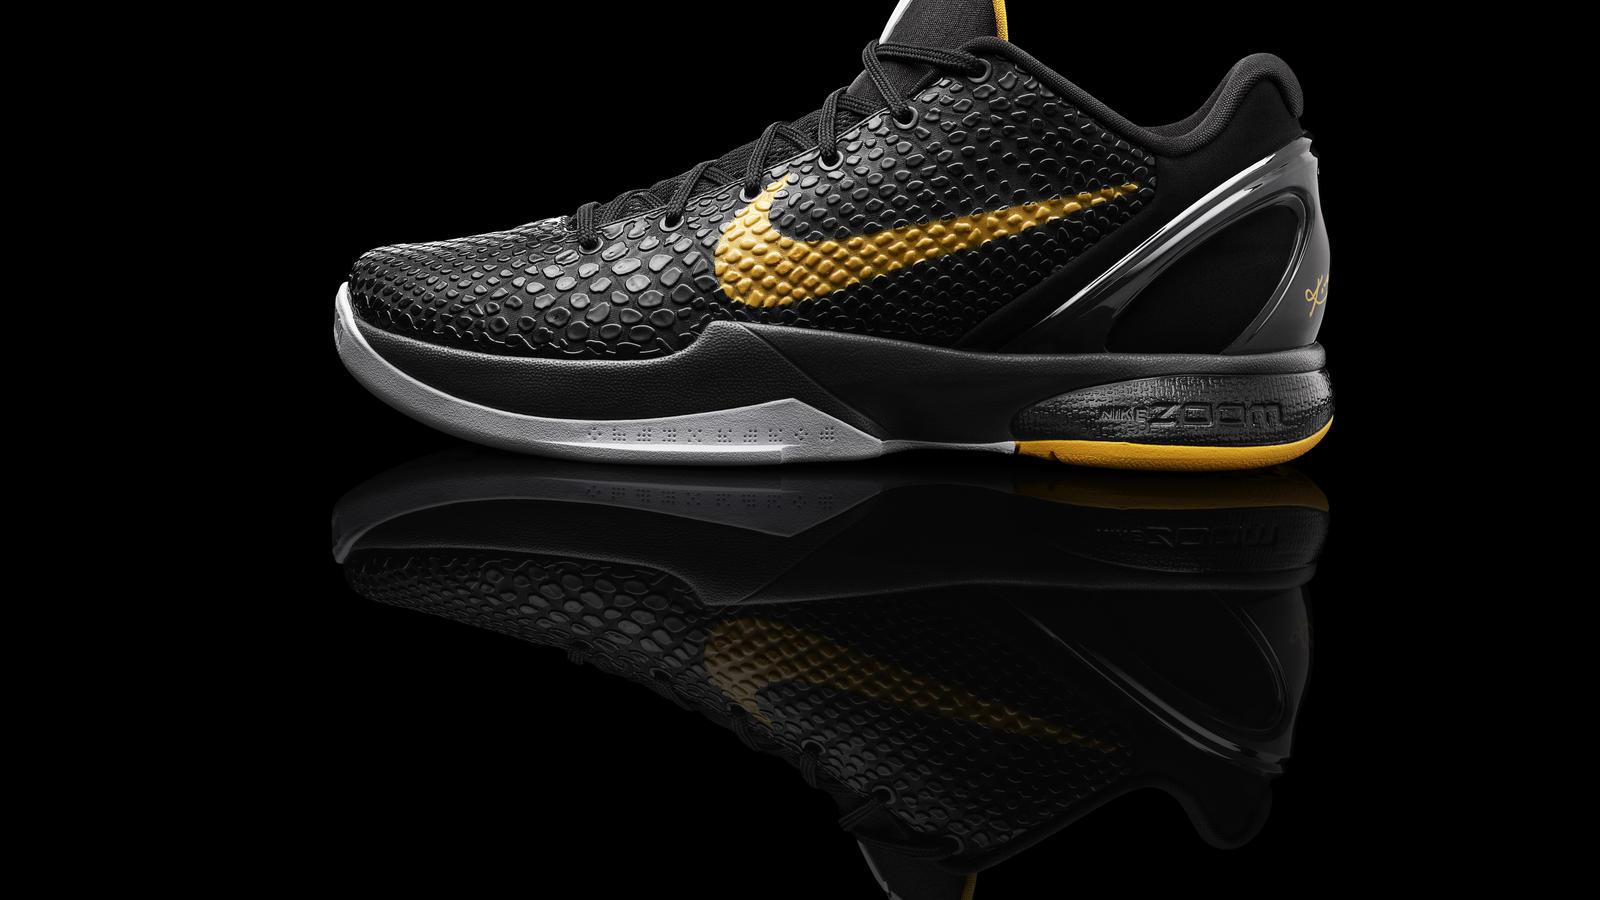 6298d81888df 10106 Nike KobeVI Blk Pro. 10106 Nike KobeVI Details 218.  10106 Nike KobeVI Details 231 Lo. 10106 Nike KobeVI Details 263